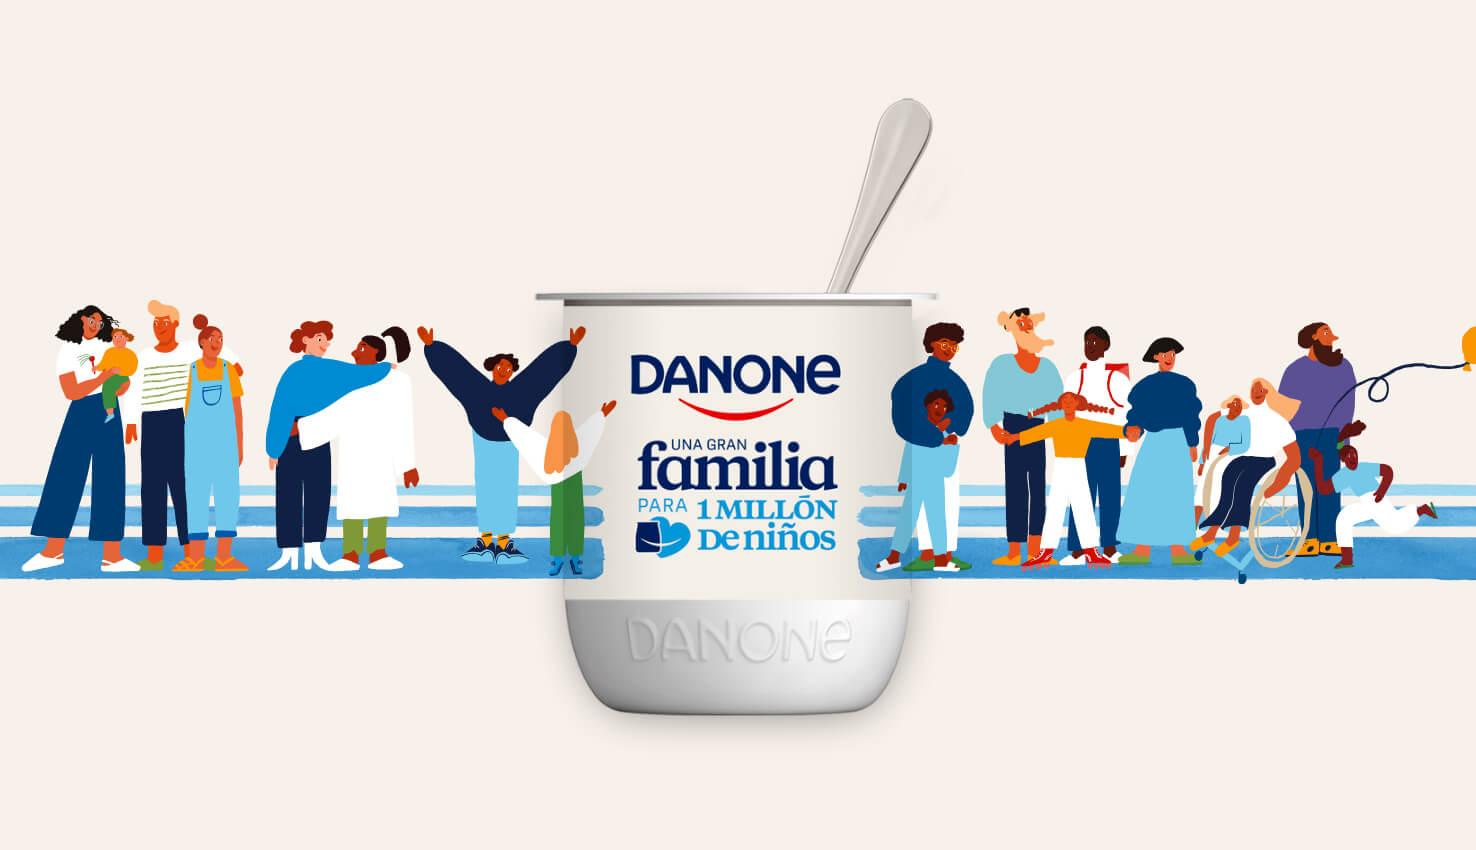 danone-una-gran-familia-yogur-packaging-advertising-publicidad-community-illustration-violeta-noy-3